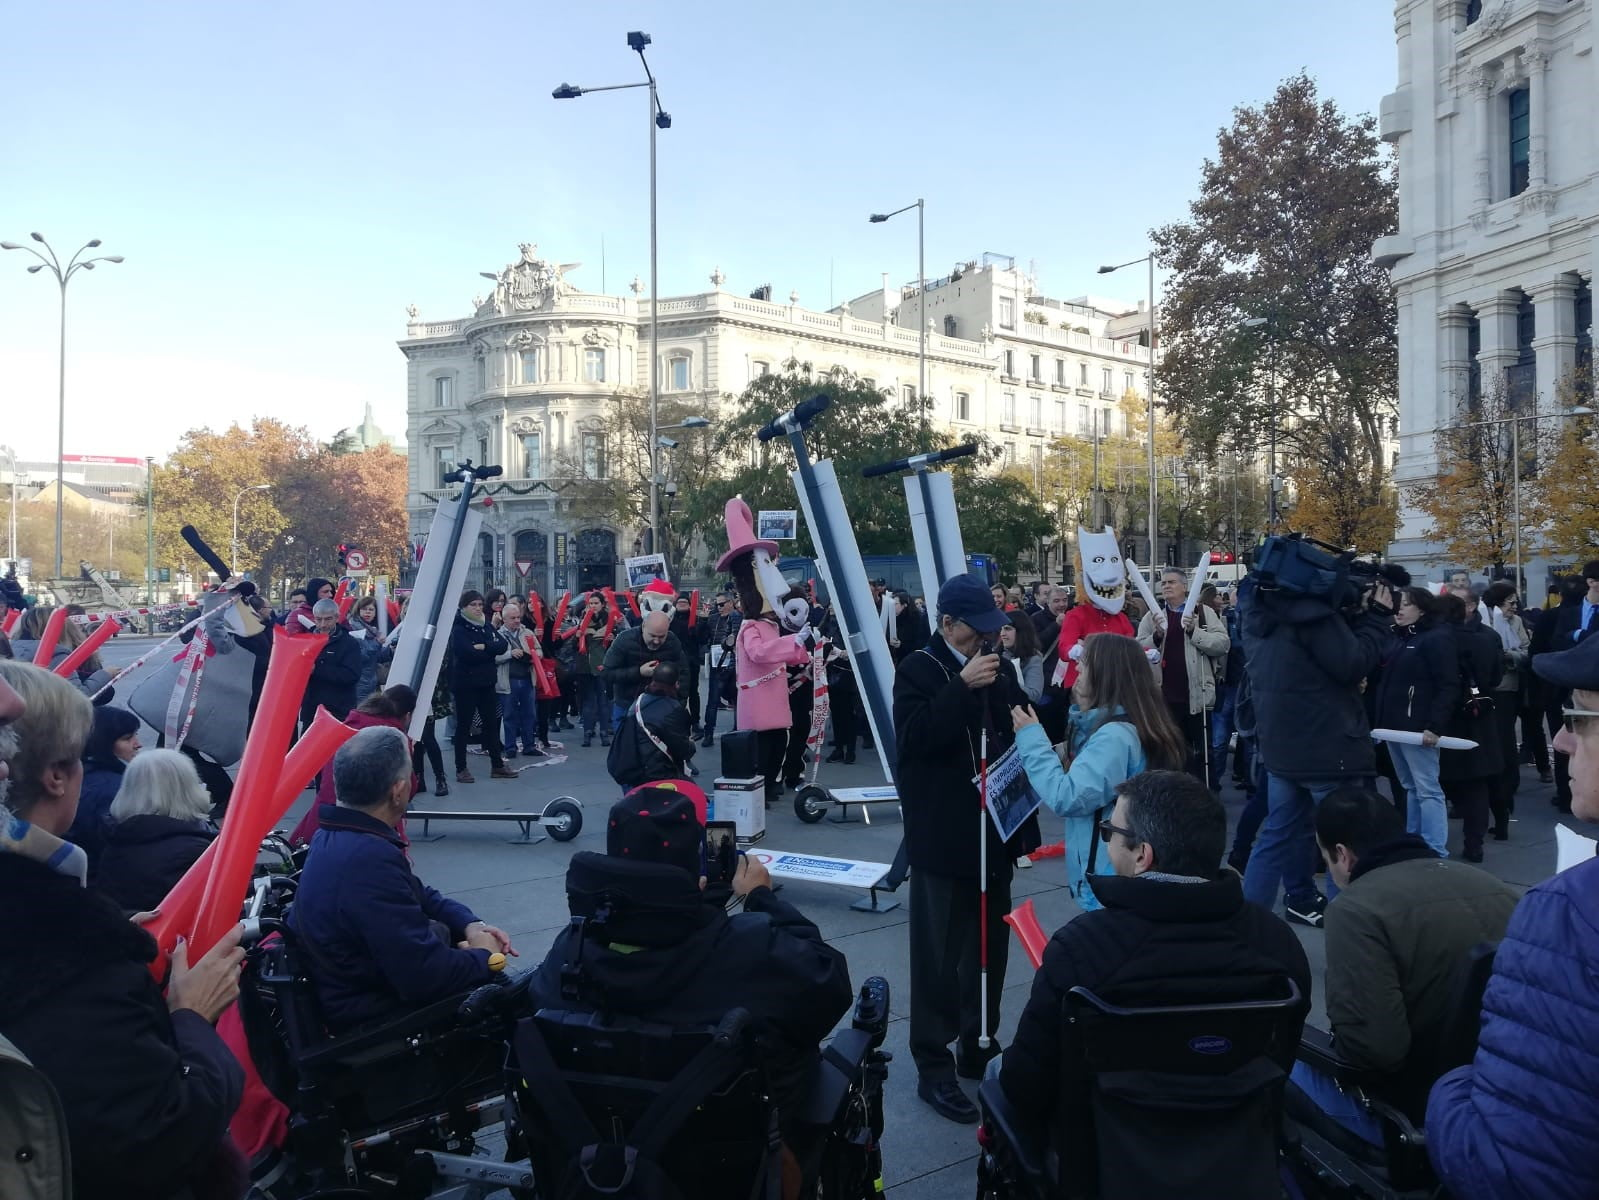 El CERMI se manifiesta en contra de la movilidad en las aceras